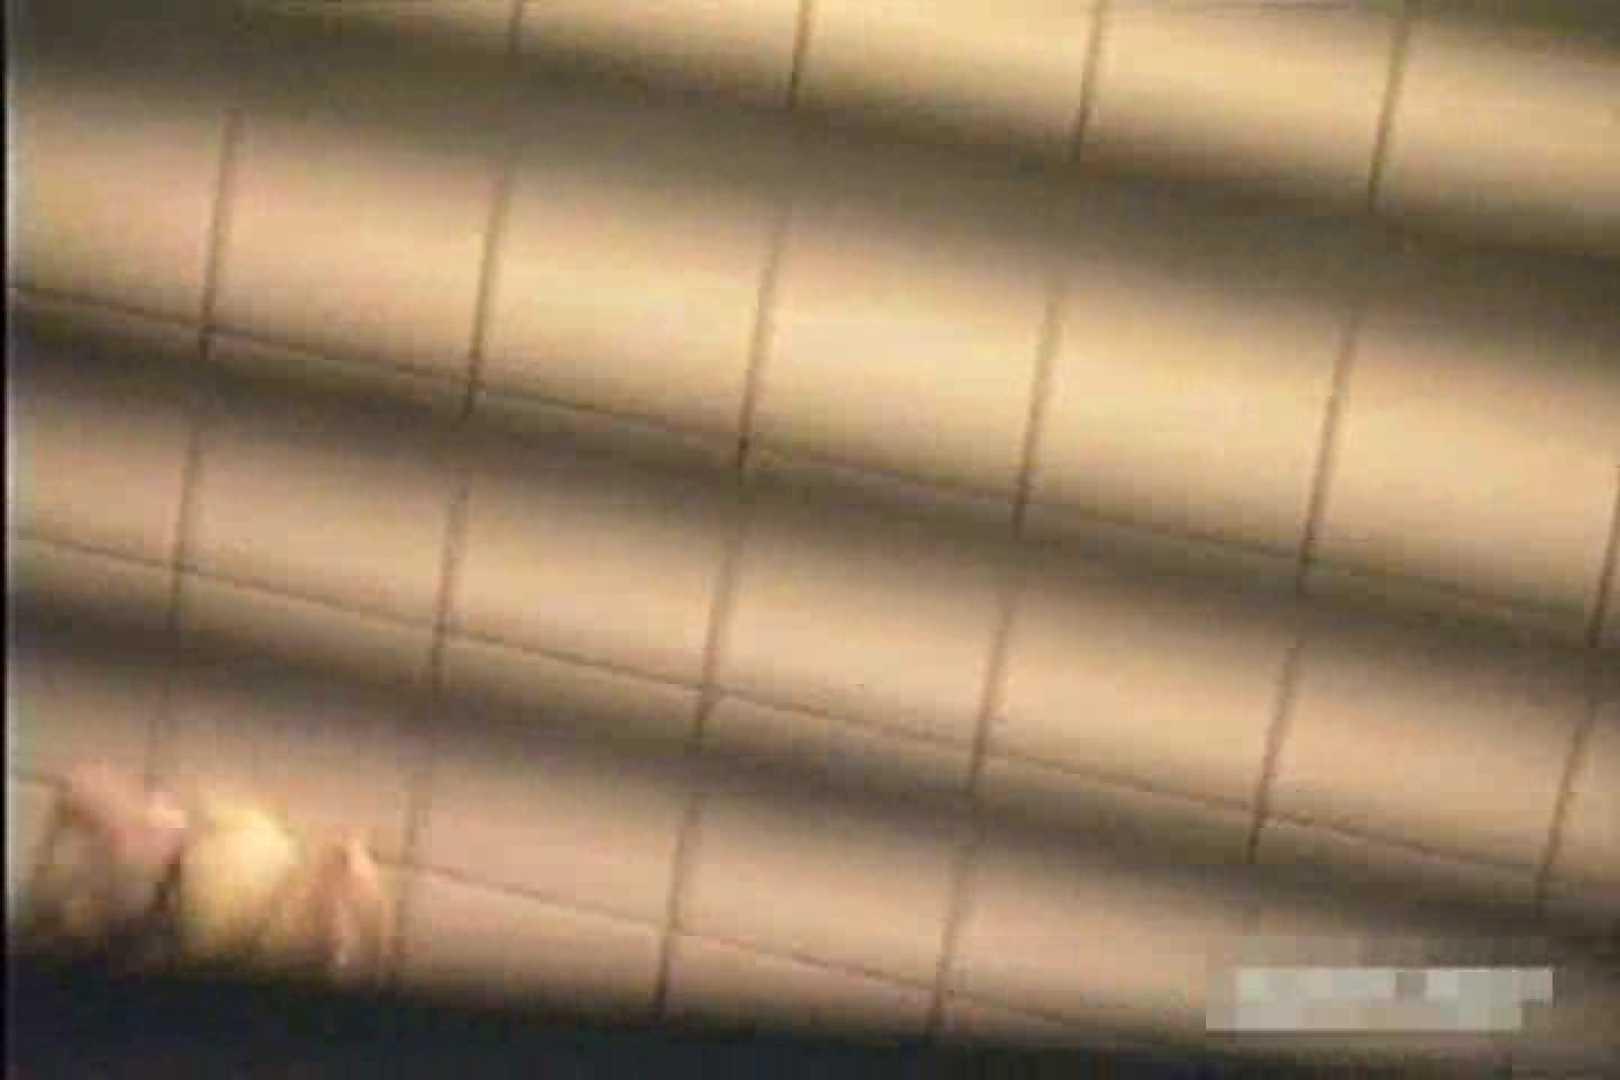 激撮ストーカー記録あなたのお宅拝見しますVol.3 シャワー ワレメ動画紹介 103pic 45